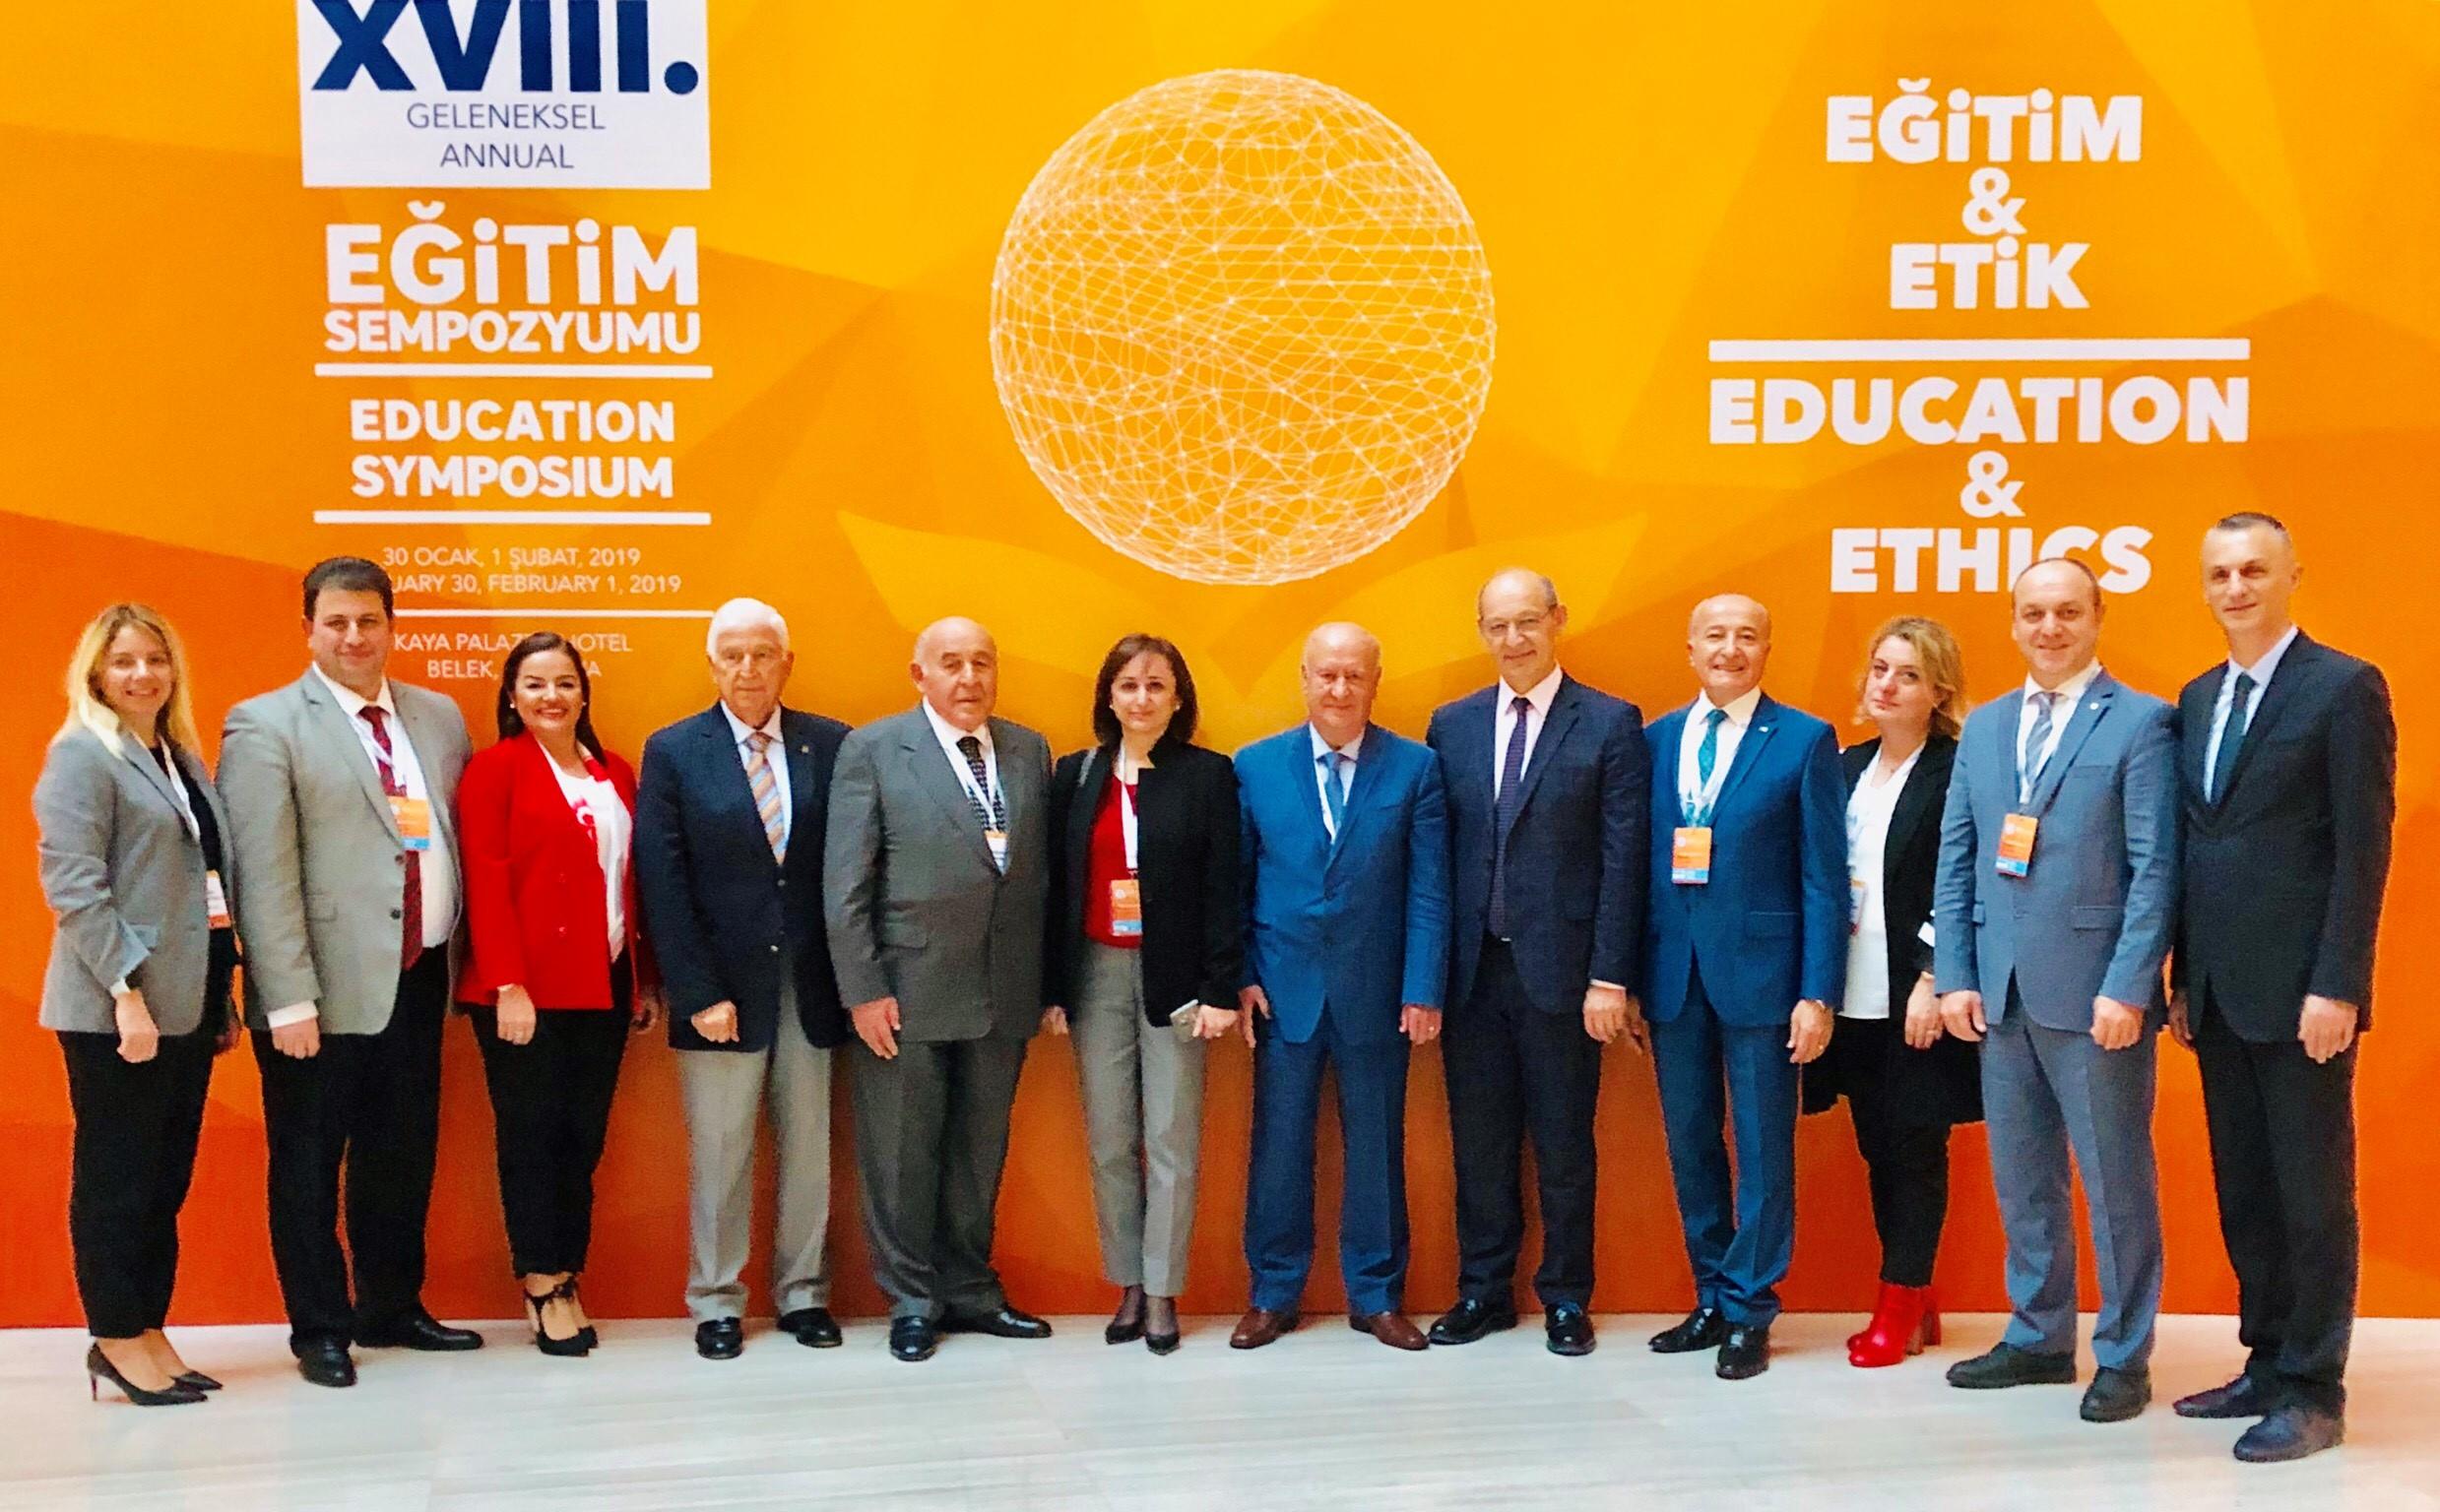 """MEV Eğitim Ailesi """"18. Geleneksel Antalya Eğitim Sempozyumu""""ndaydı"""